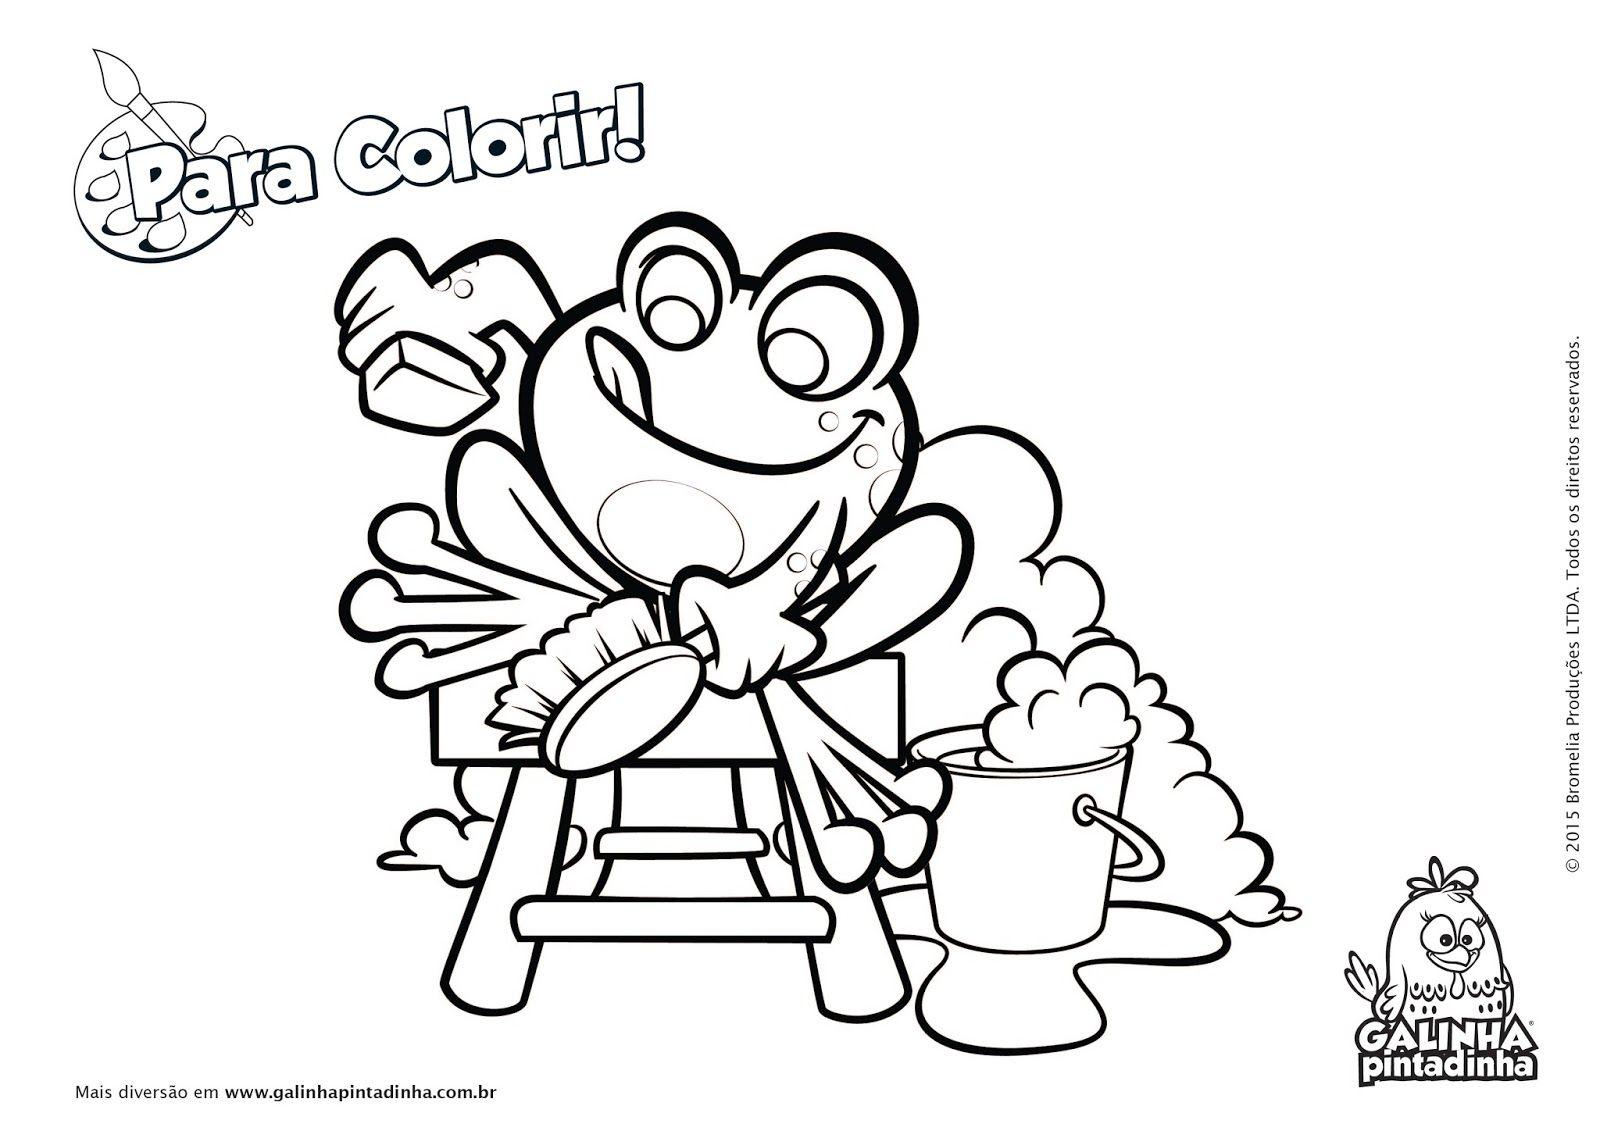 Galinha Pintadinha Para Colorir E Imprimir: Desenho De Galinha Da Angola Para Colorir